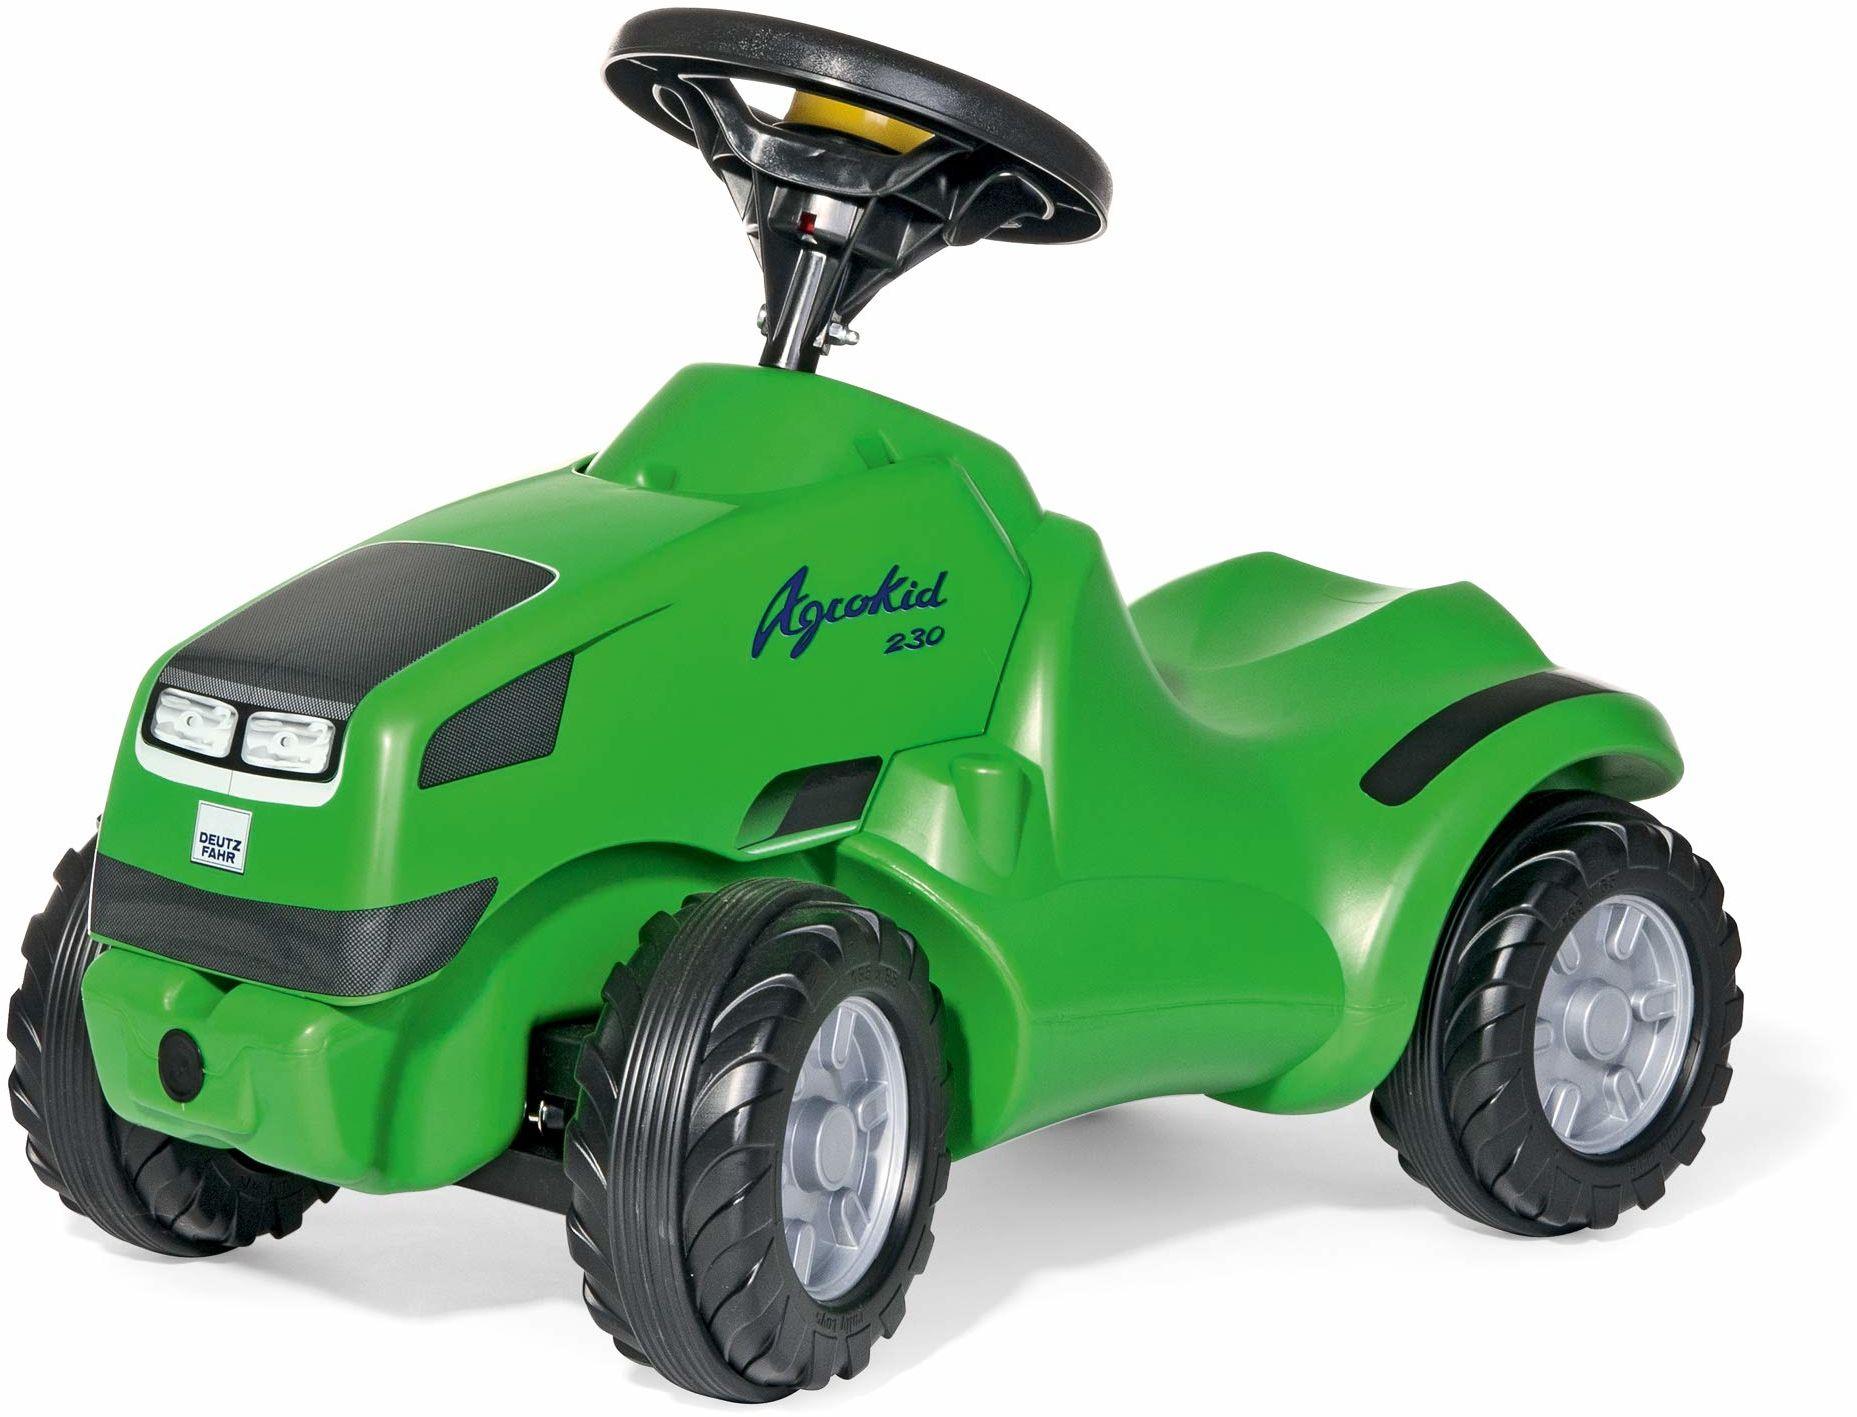 Rolly Toys 13 210 2 Toys wózek dziecięcy rollyMinitrac Deutz Agrokid (z półką, ergonomiczny kształt pojazdu, kierownica z klaksonem, nadaje się dla dzieci od 1  roku życia) 132102